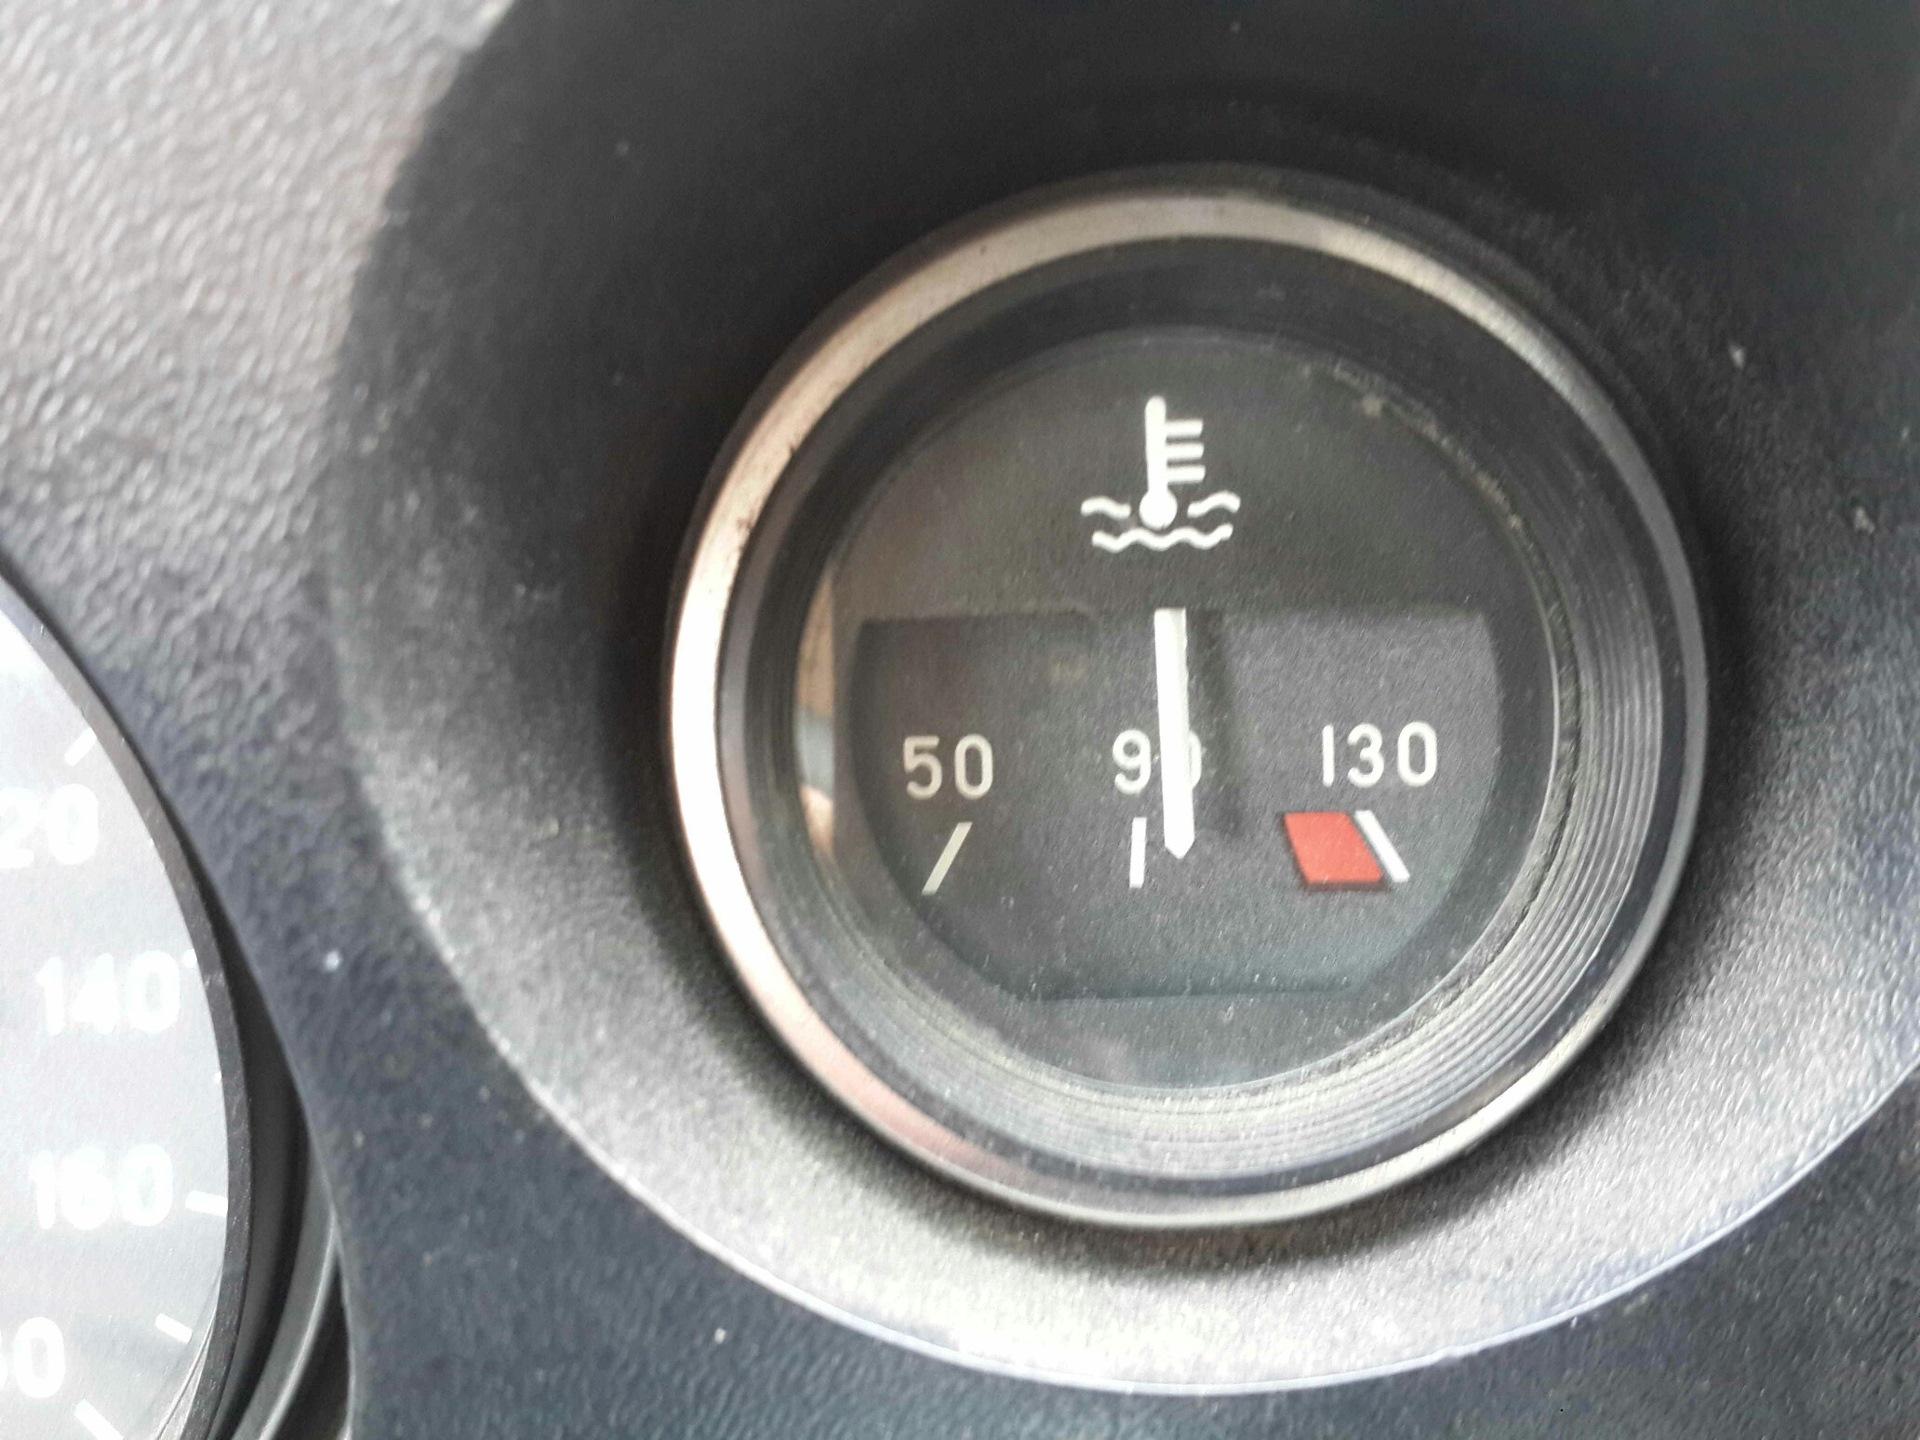 температура двигателя в картинках для девушки или